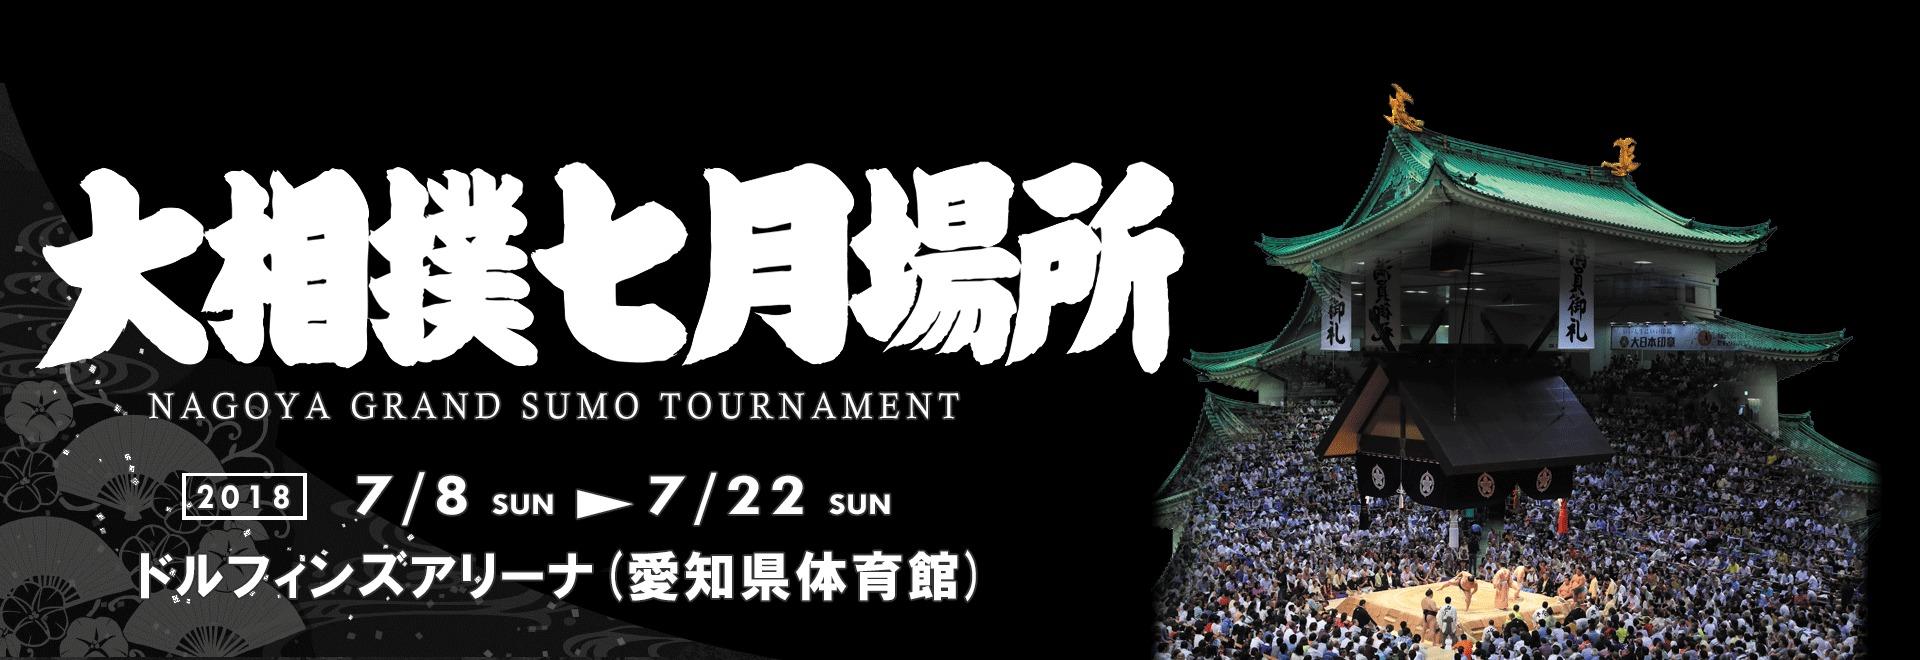 7月8日(日)から15日間、愛知県のドルフィンズアリーナで大相撲七月場所が開催される